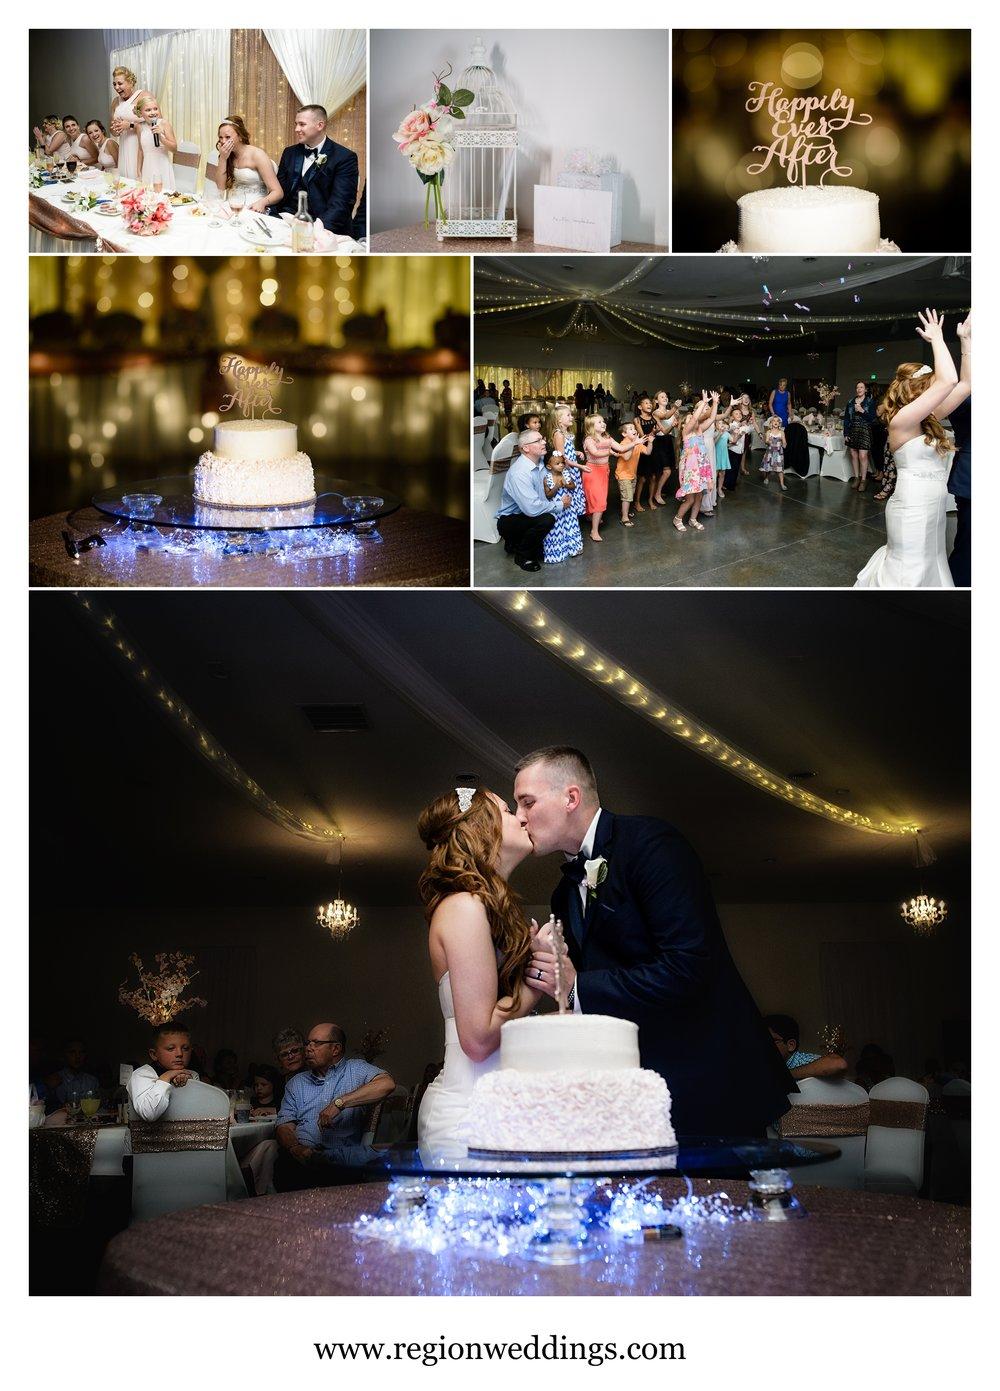 Wedding reception at Meadow Springs Manor.